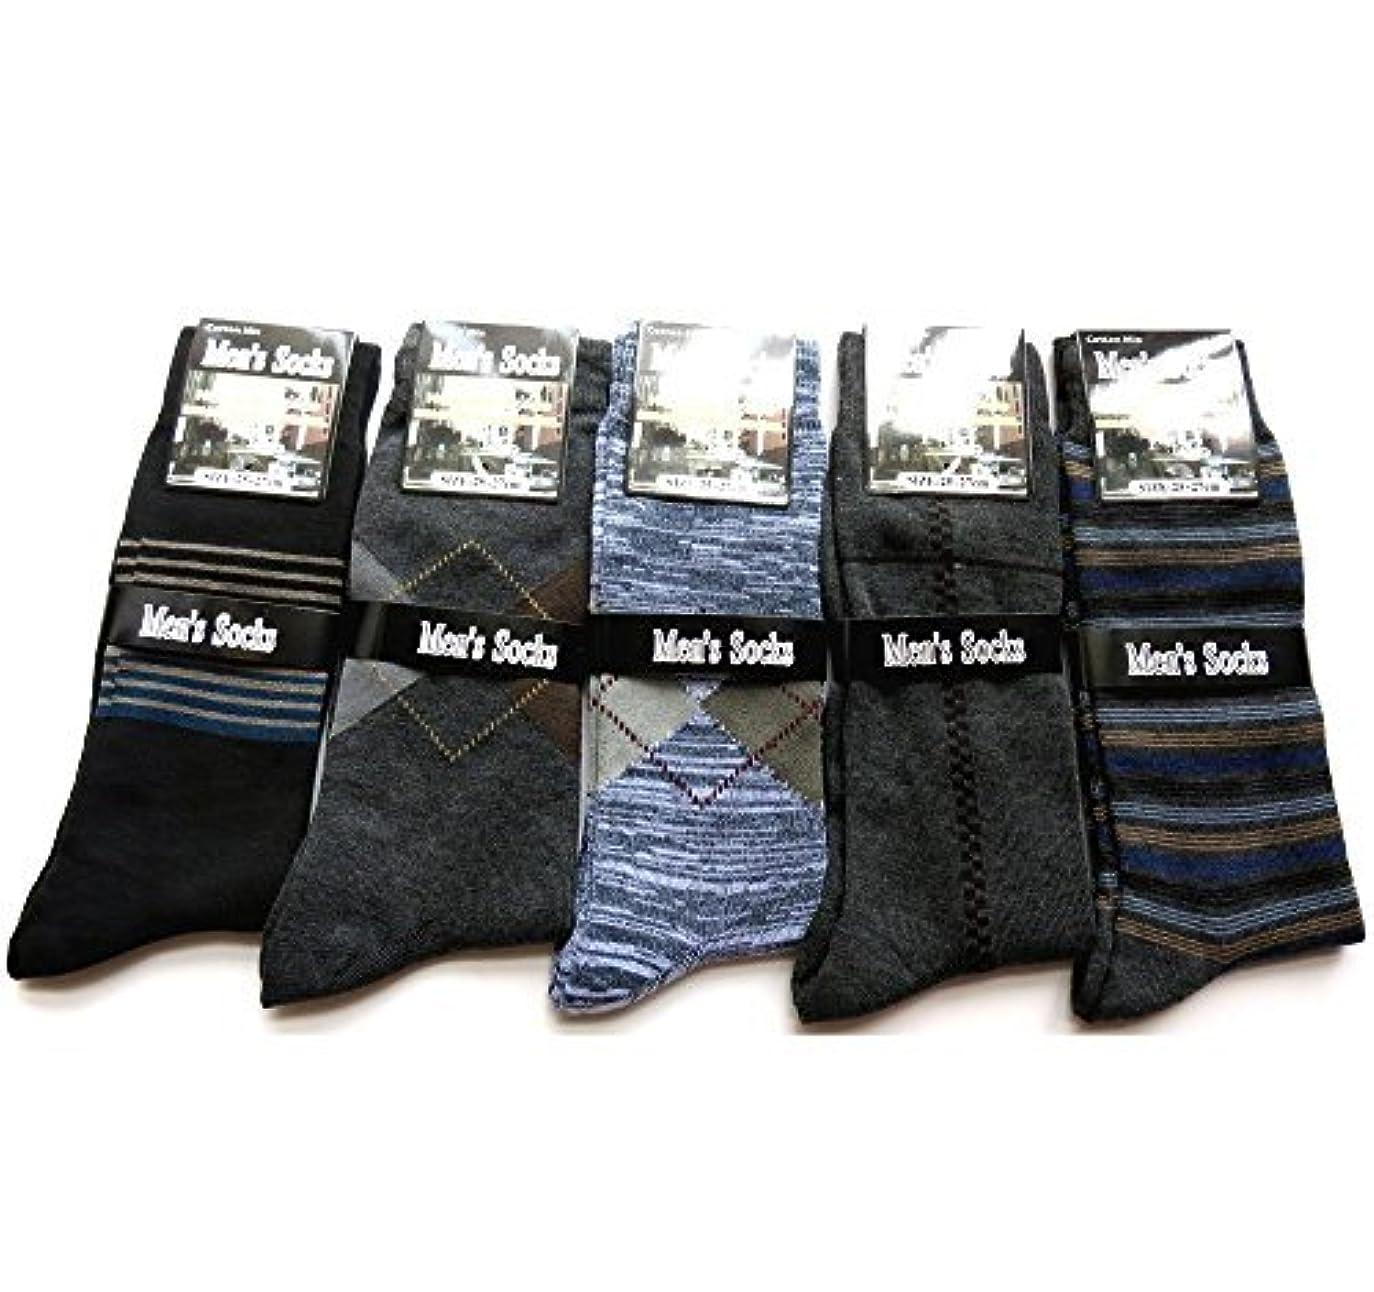 メカニック民間人弁護人紳士 ビジネスソックス カジュアル ソックス メンズ 靴下 メンズ 25-27cm 5足セット(柄はお任せ)